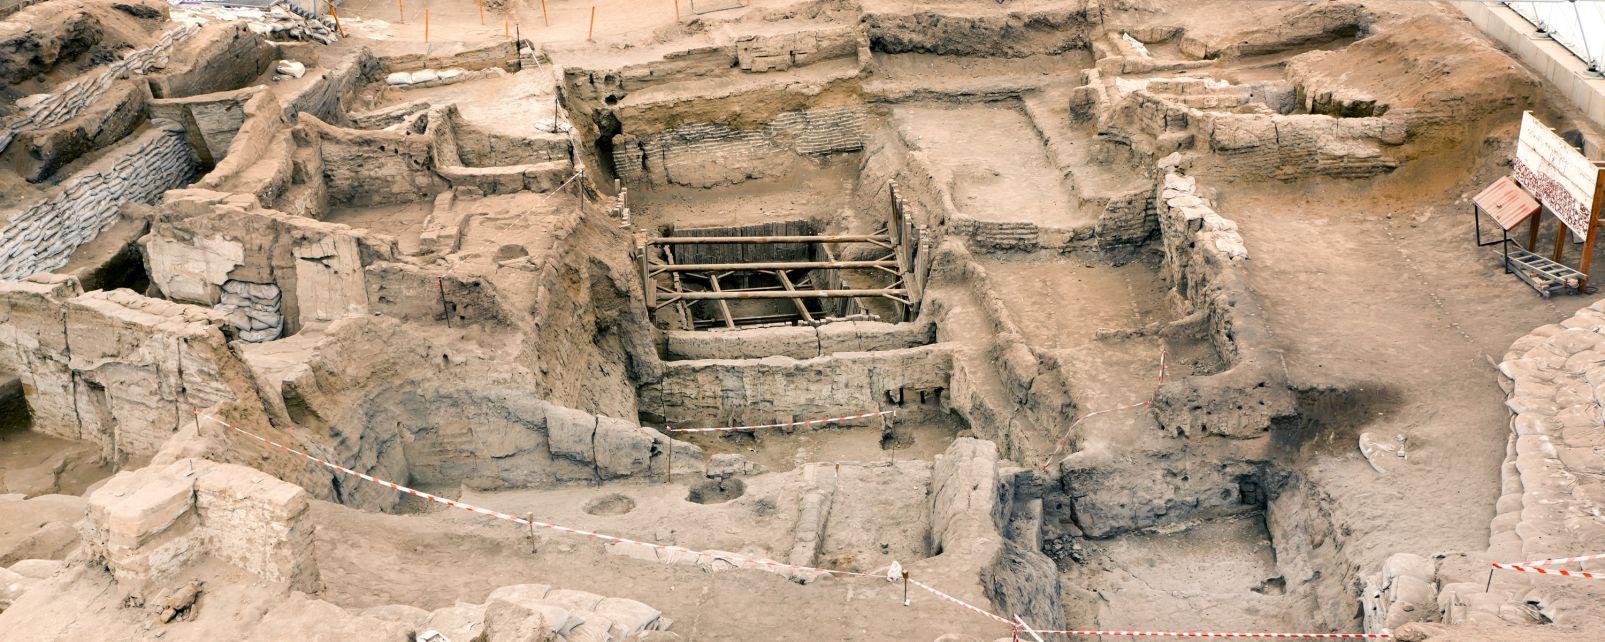 Cerámica hitita, El sitio néoliticode Catalhoyuk, Los monumentos, Turquía